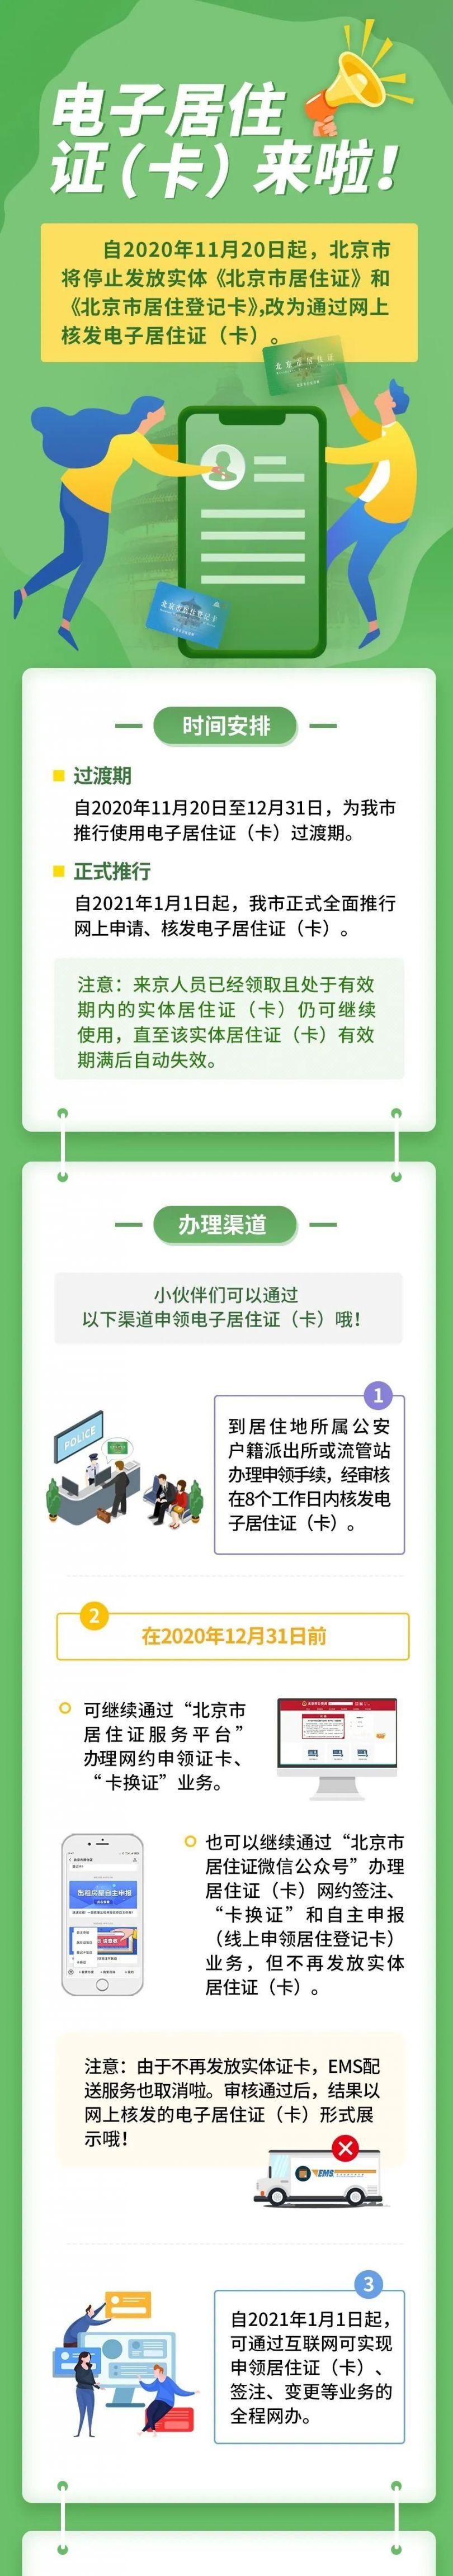 北京电子版居住证(卡)怎么延期?一图读懂